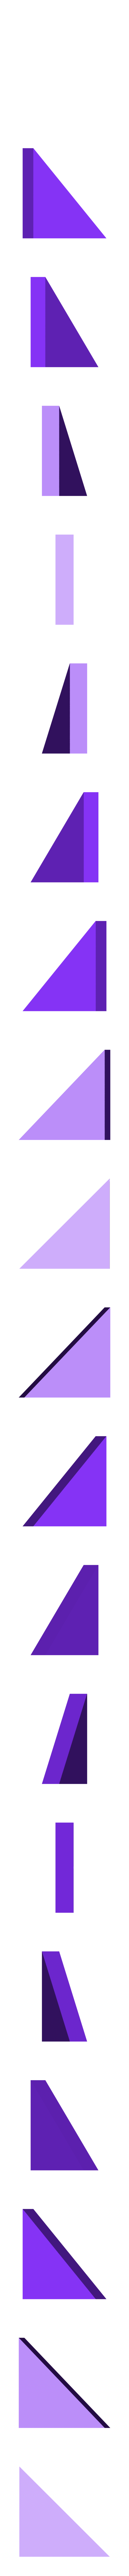 """iqPuzzle_T_2.STL Télécharger fichier STL gratuit Puzzle Assemblez une lettre """"T"""" de 4 pièces • Objet pour impression 3D, Cerega"""